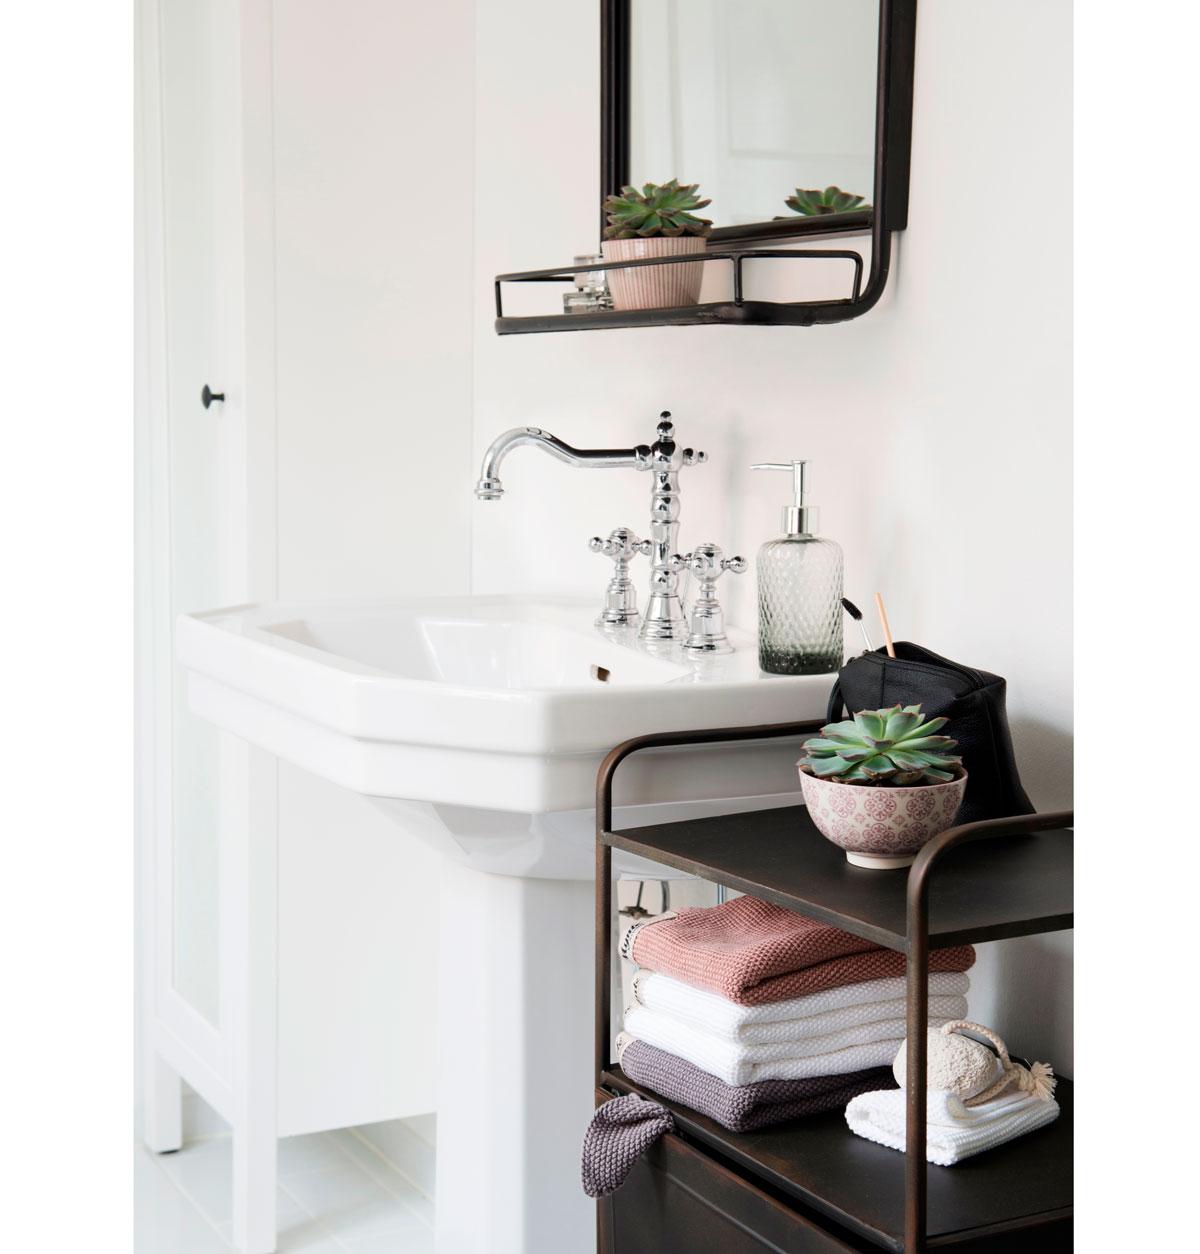 Vintage kúpeľňa s kovovými odkladacími priestormi na zrkadle a v podobe regálu